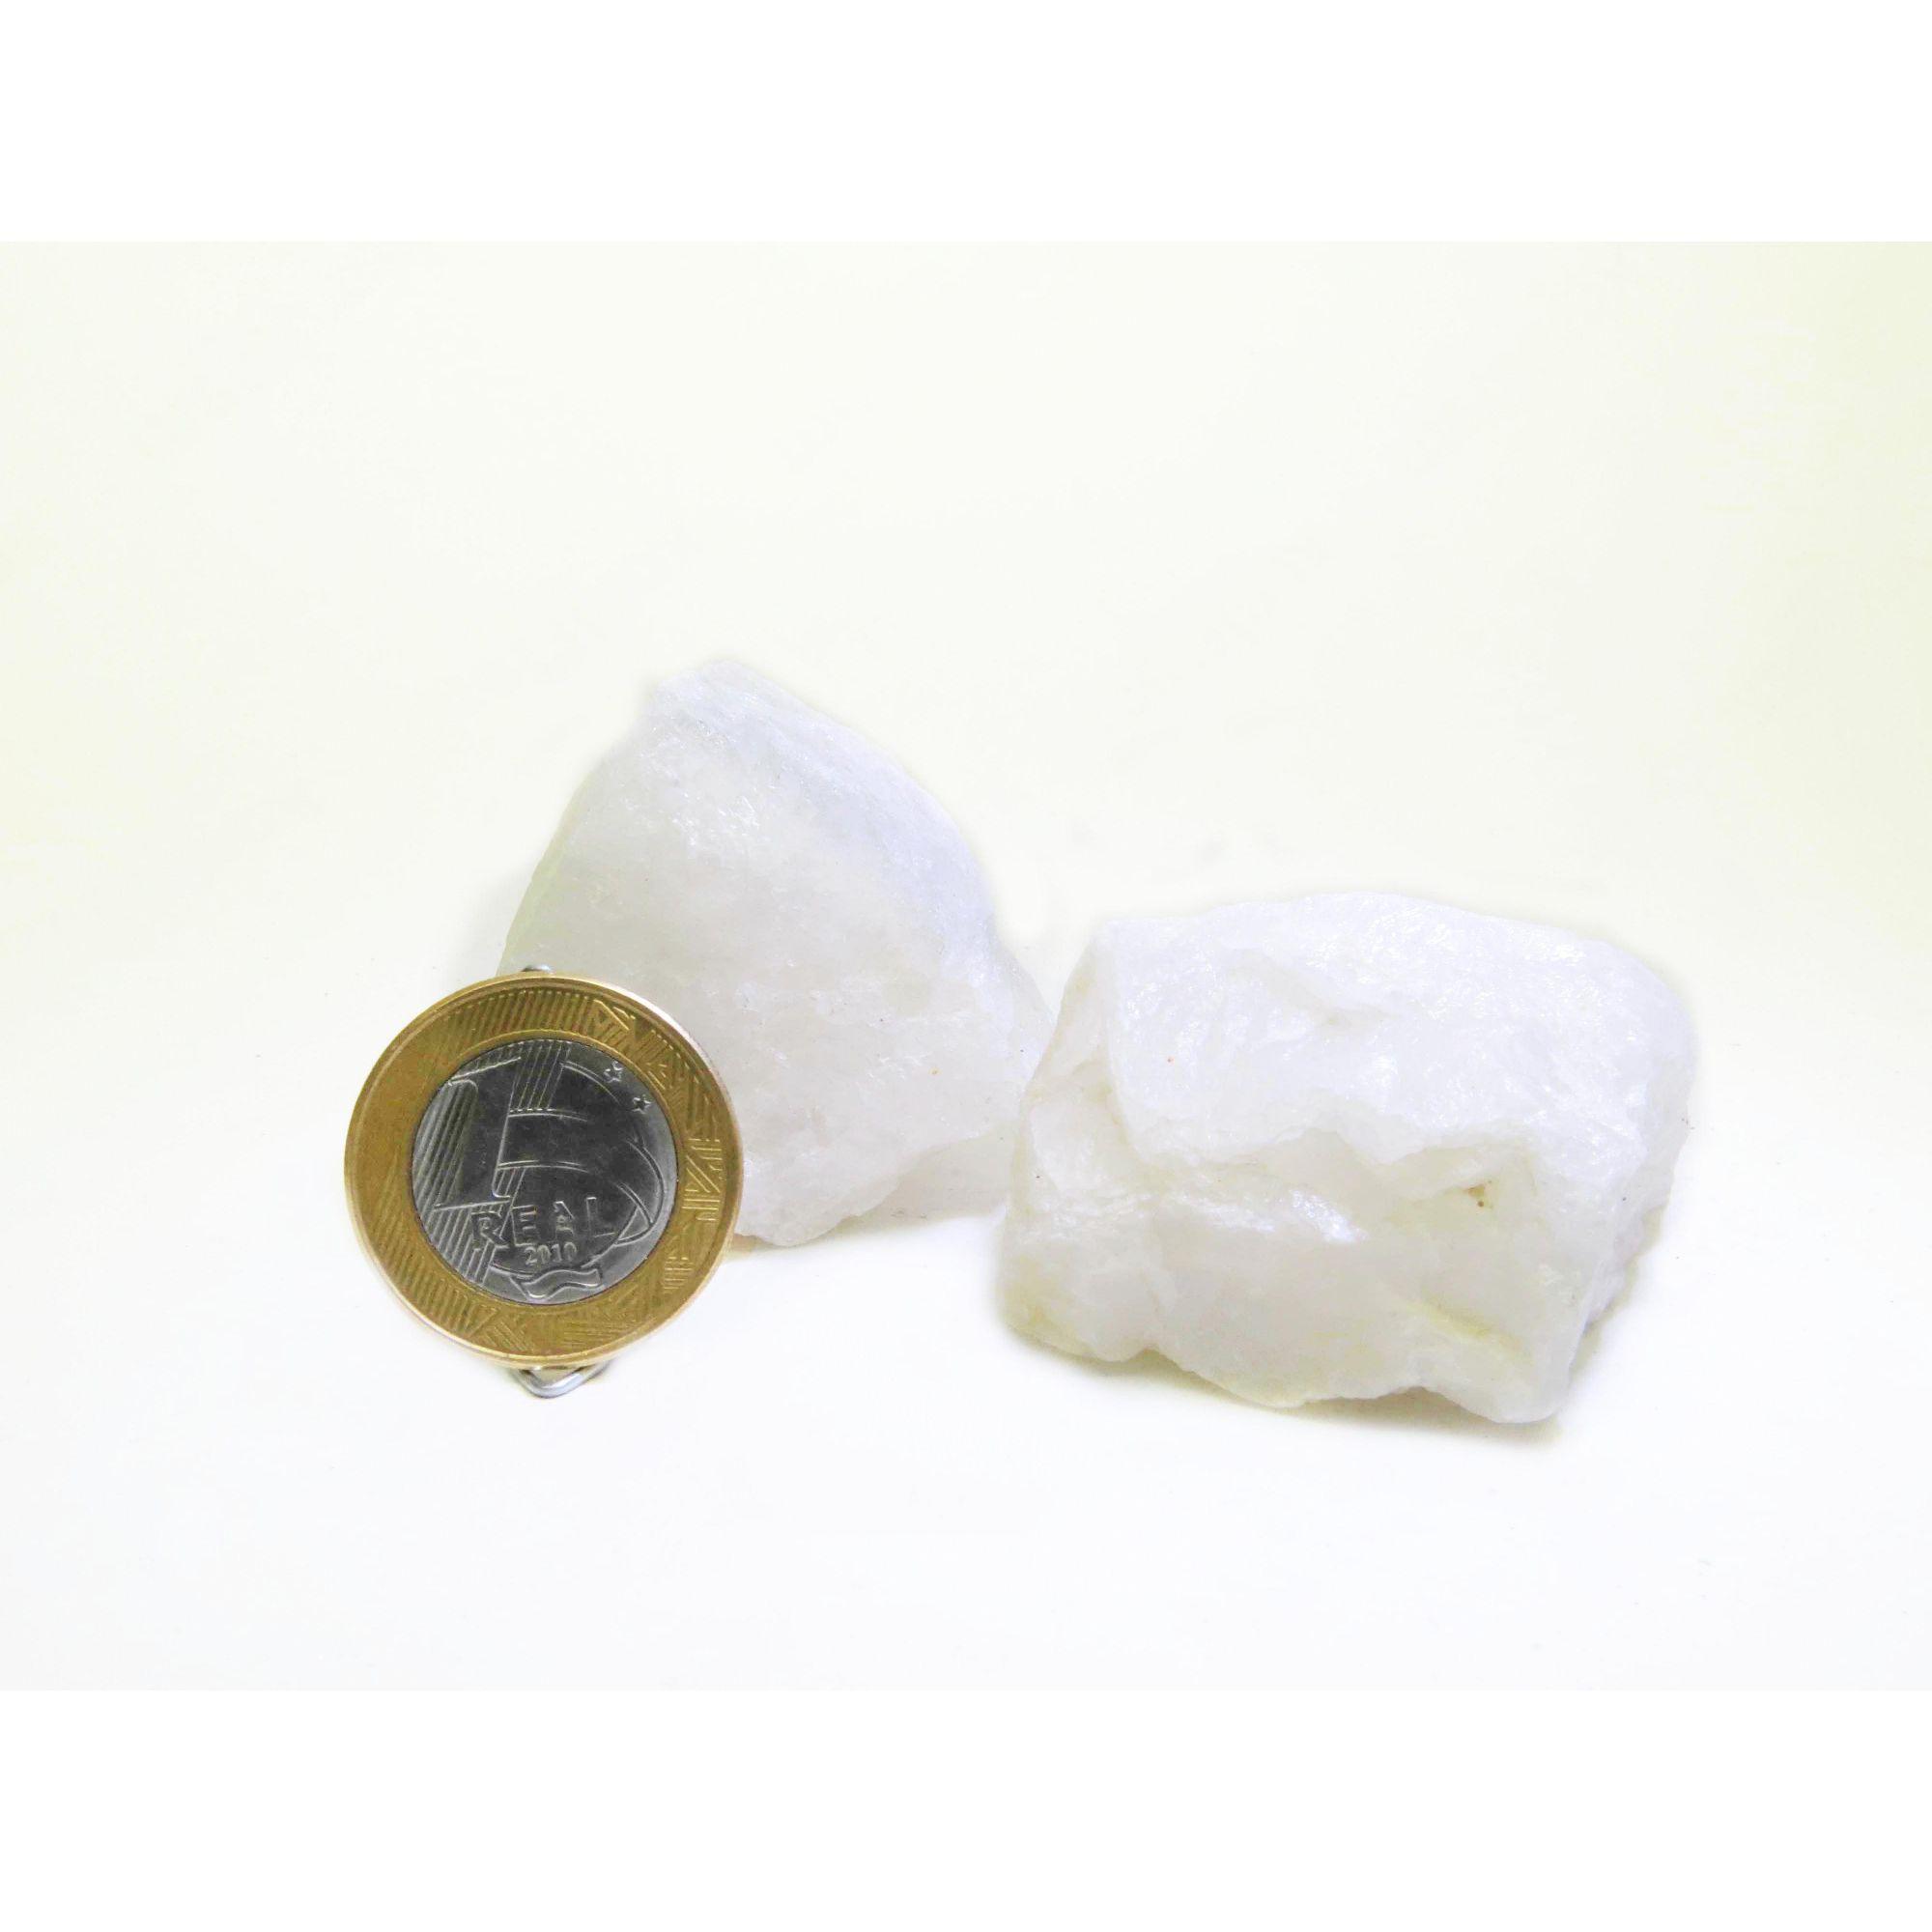 Cristal Leitoso - Bruto - 4 a 5 cm